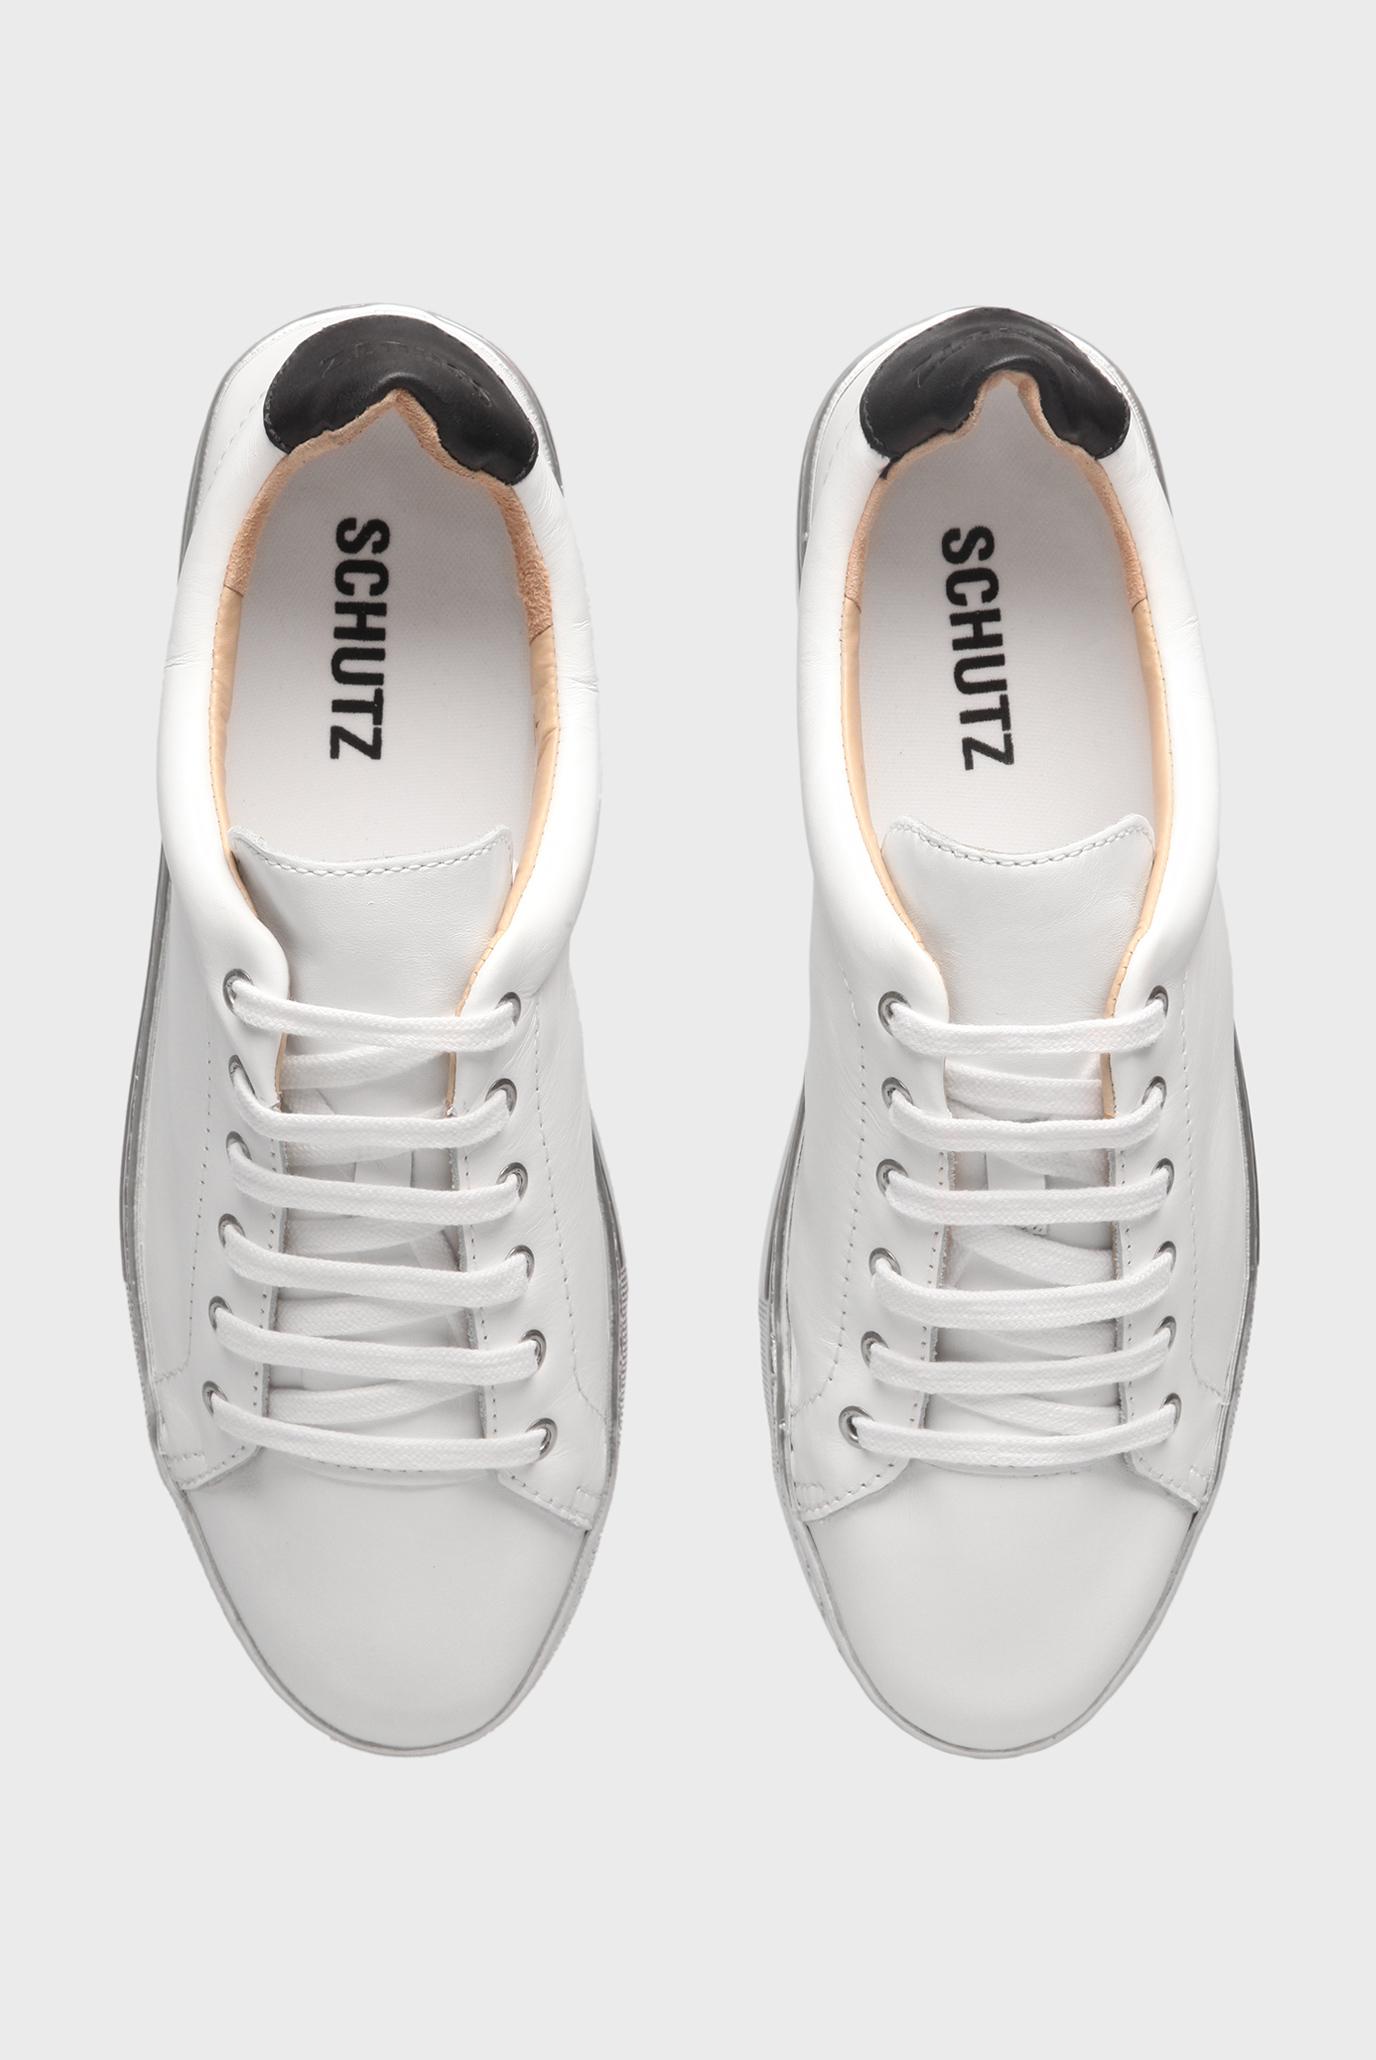 Купить Женские белые кожаные кеды Schutz Schutz S2016600050004U – Киев c623dff5305ee